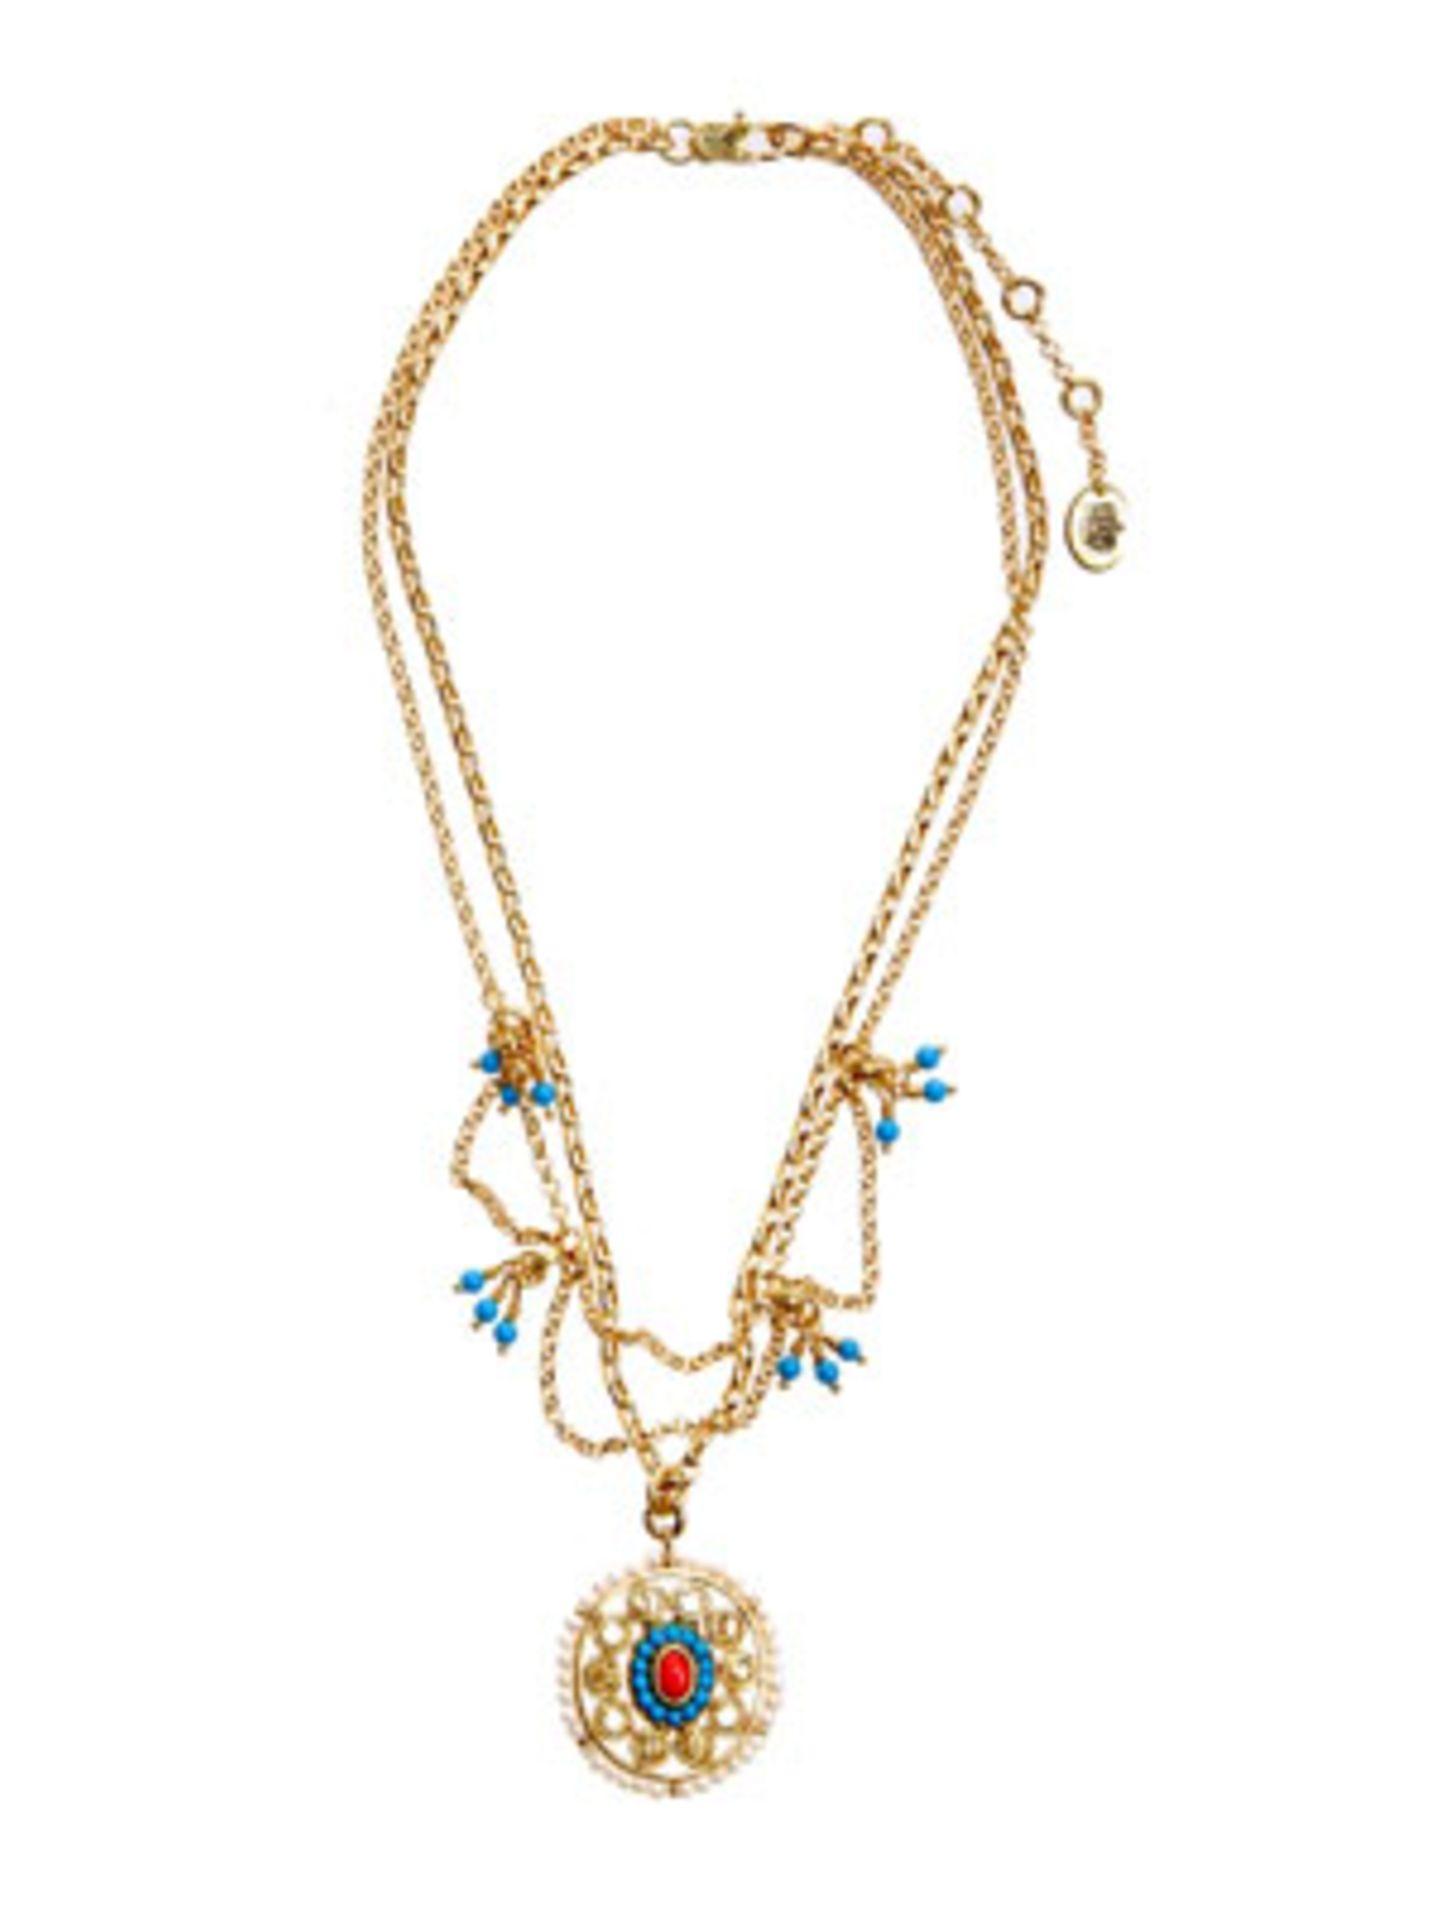 Lange goldene Kette mit orientalischem Anhänger von Juicy Couture, um 100 Euro. Über www.jades24.com.